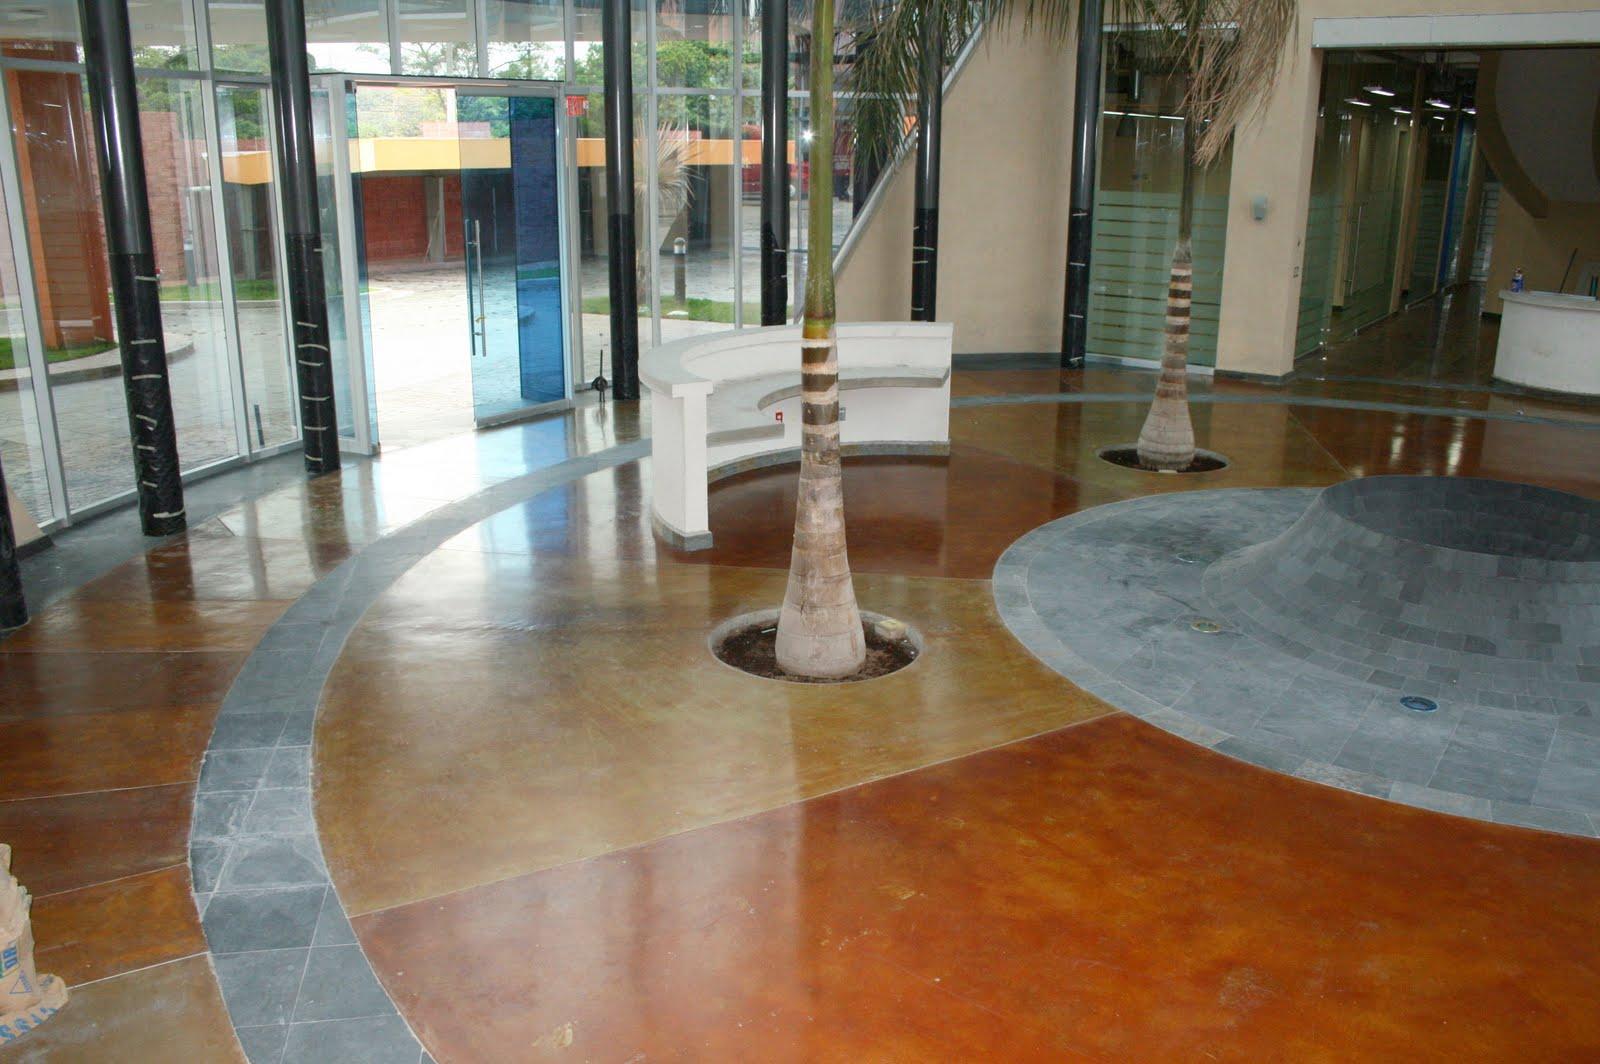 Cemento pulido blanco top suelos de cemento pulido with - Pintura para pintar piso de cemento ...